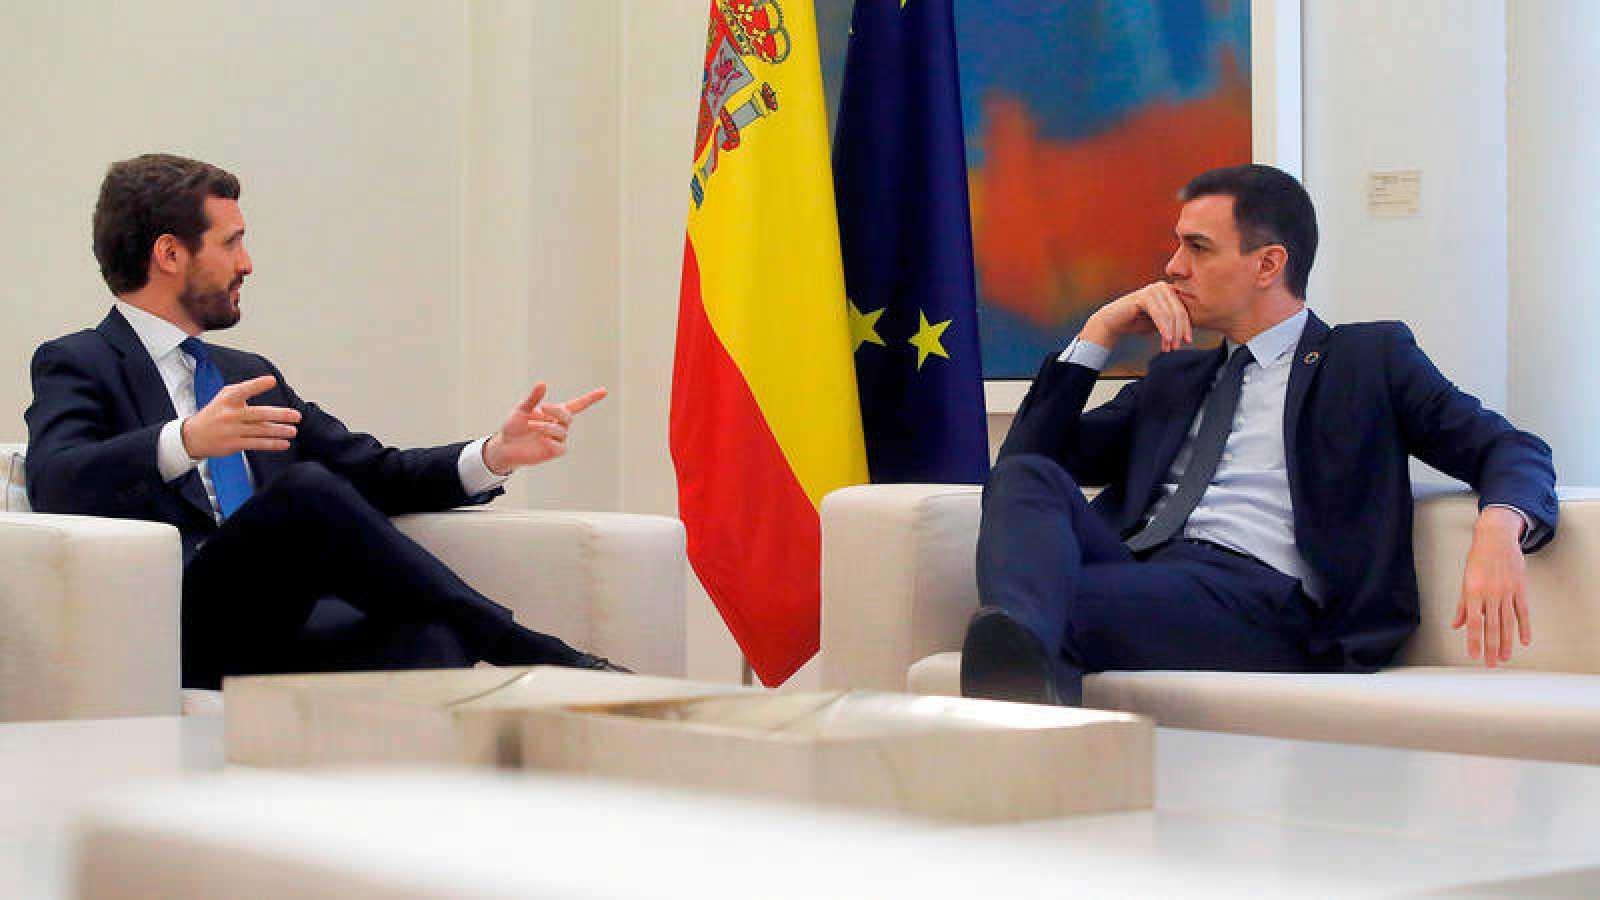 Barómetro CIS: Pedro Sánchez recibe a Pablo Casado en el Palacio de la Moncloa el pasado 17 de febrero